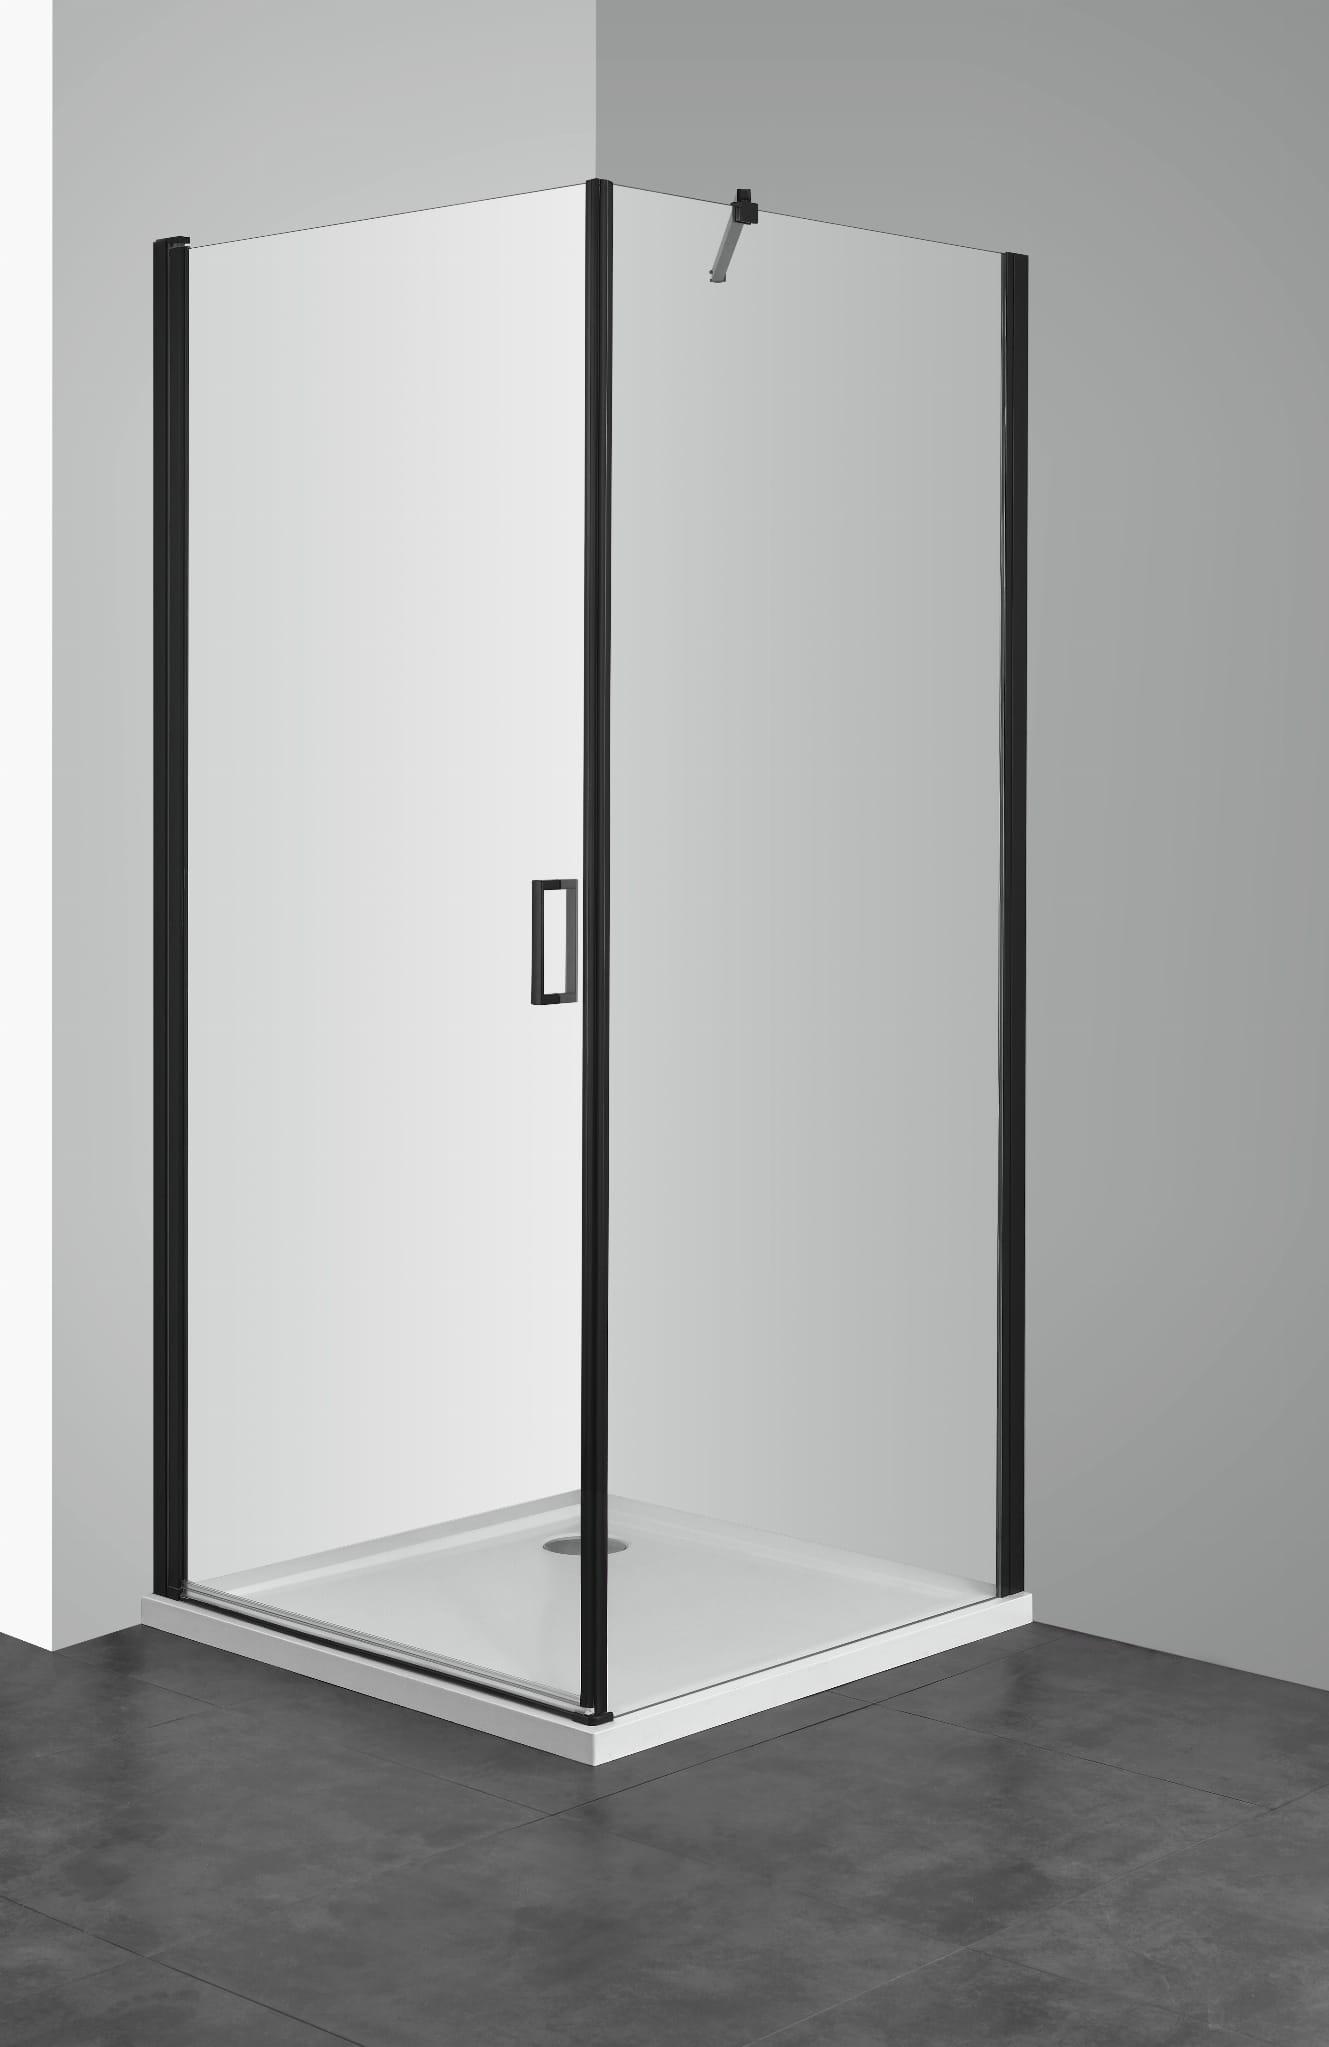 Sanotechnik - ELITE BLACK - Štvorcový sprchovací kút s krídlovými dverami 90 x 90 x 195 cm